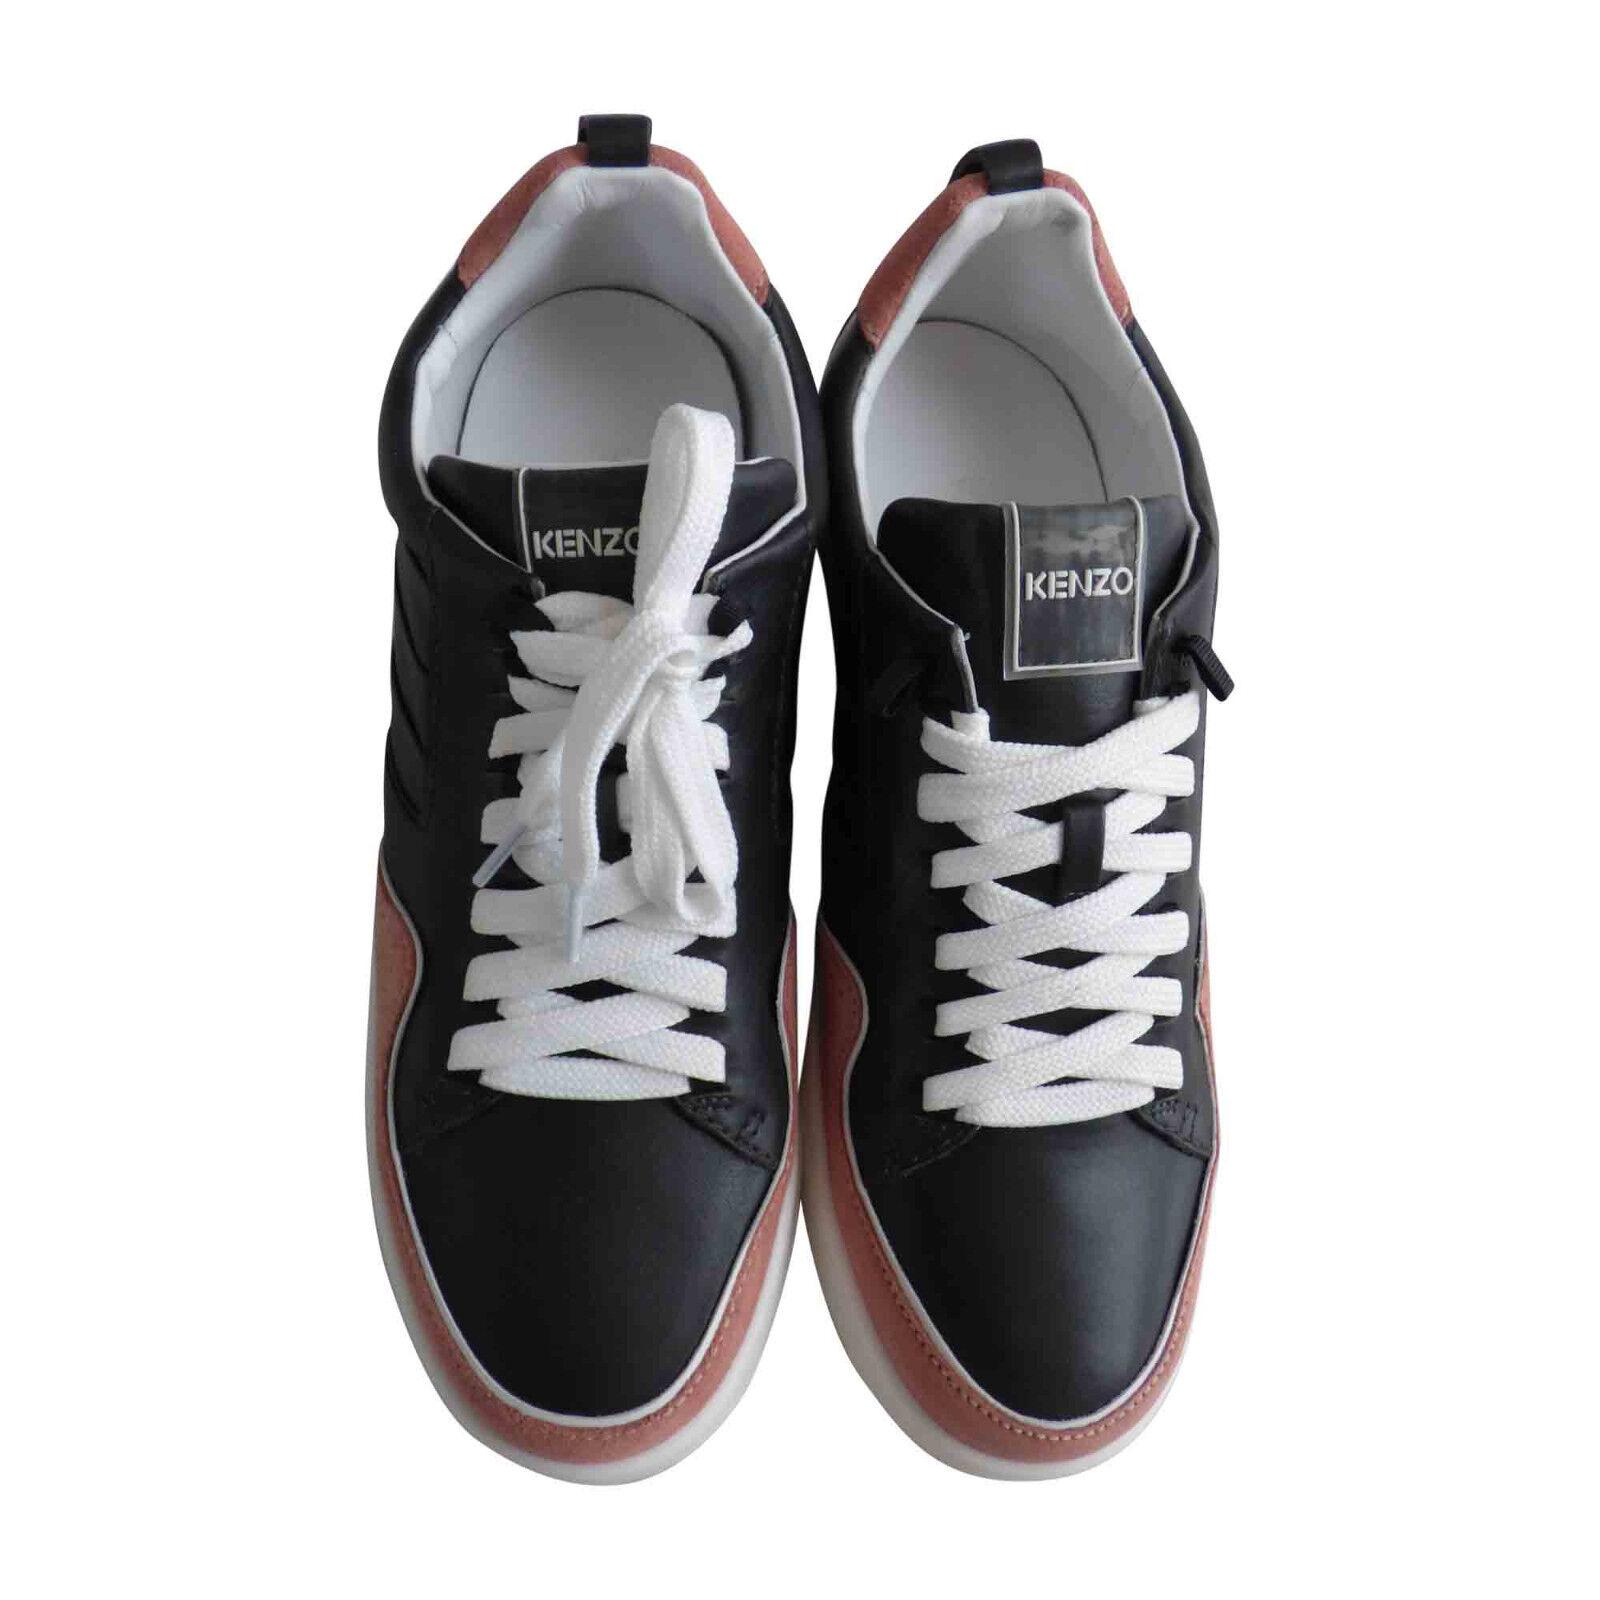 Baskets cuir noir et rose KENZO  Taille 40